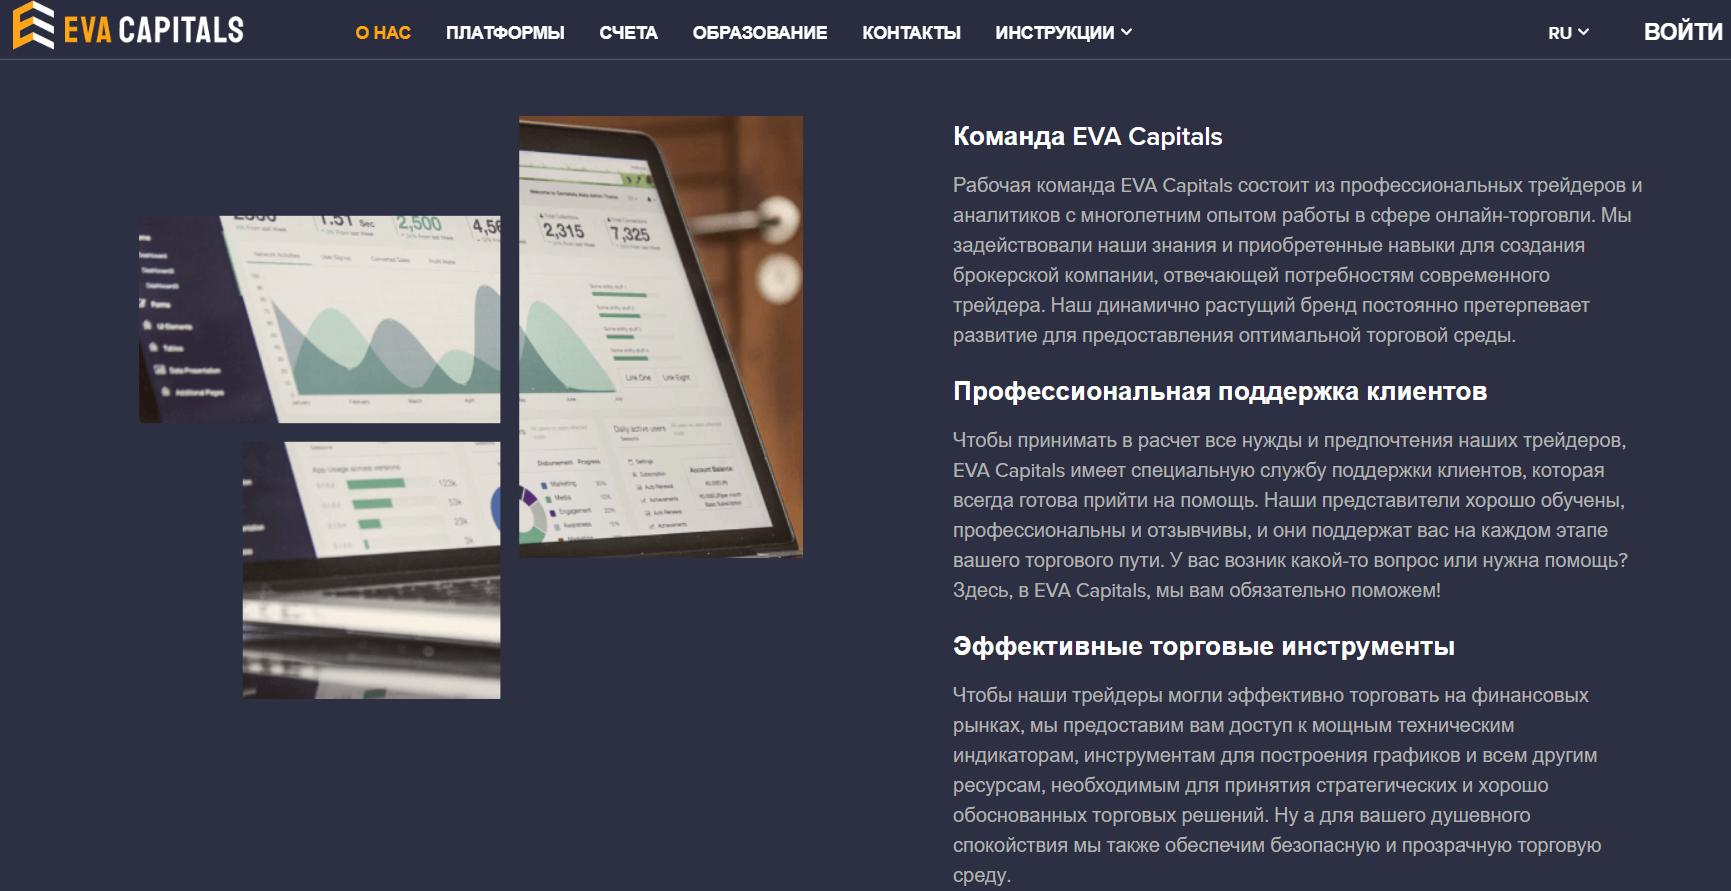 Отзывы о EVA Capitals: доверять или обман? обзор